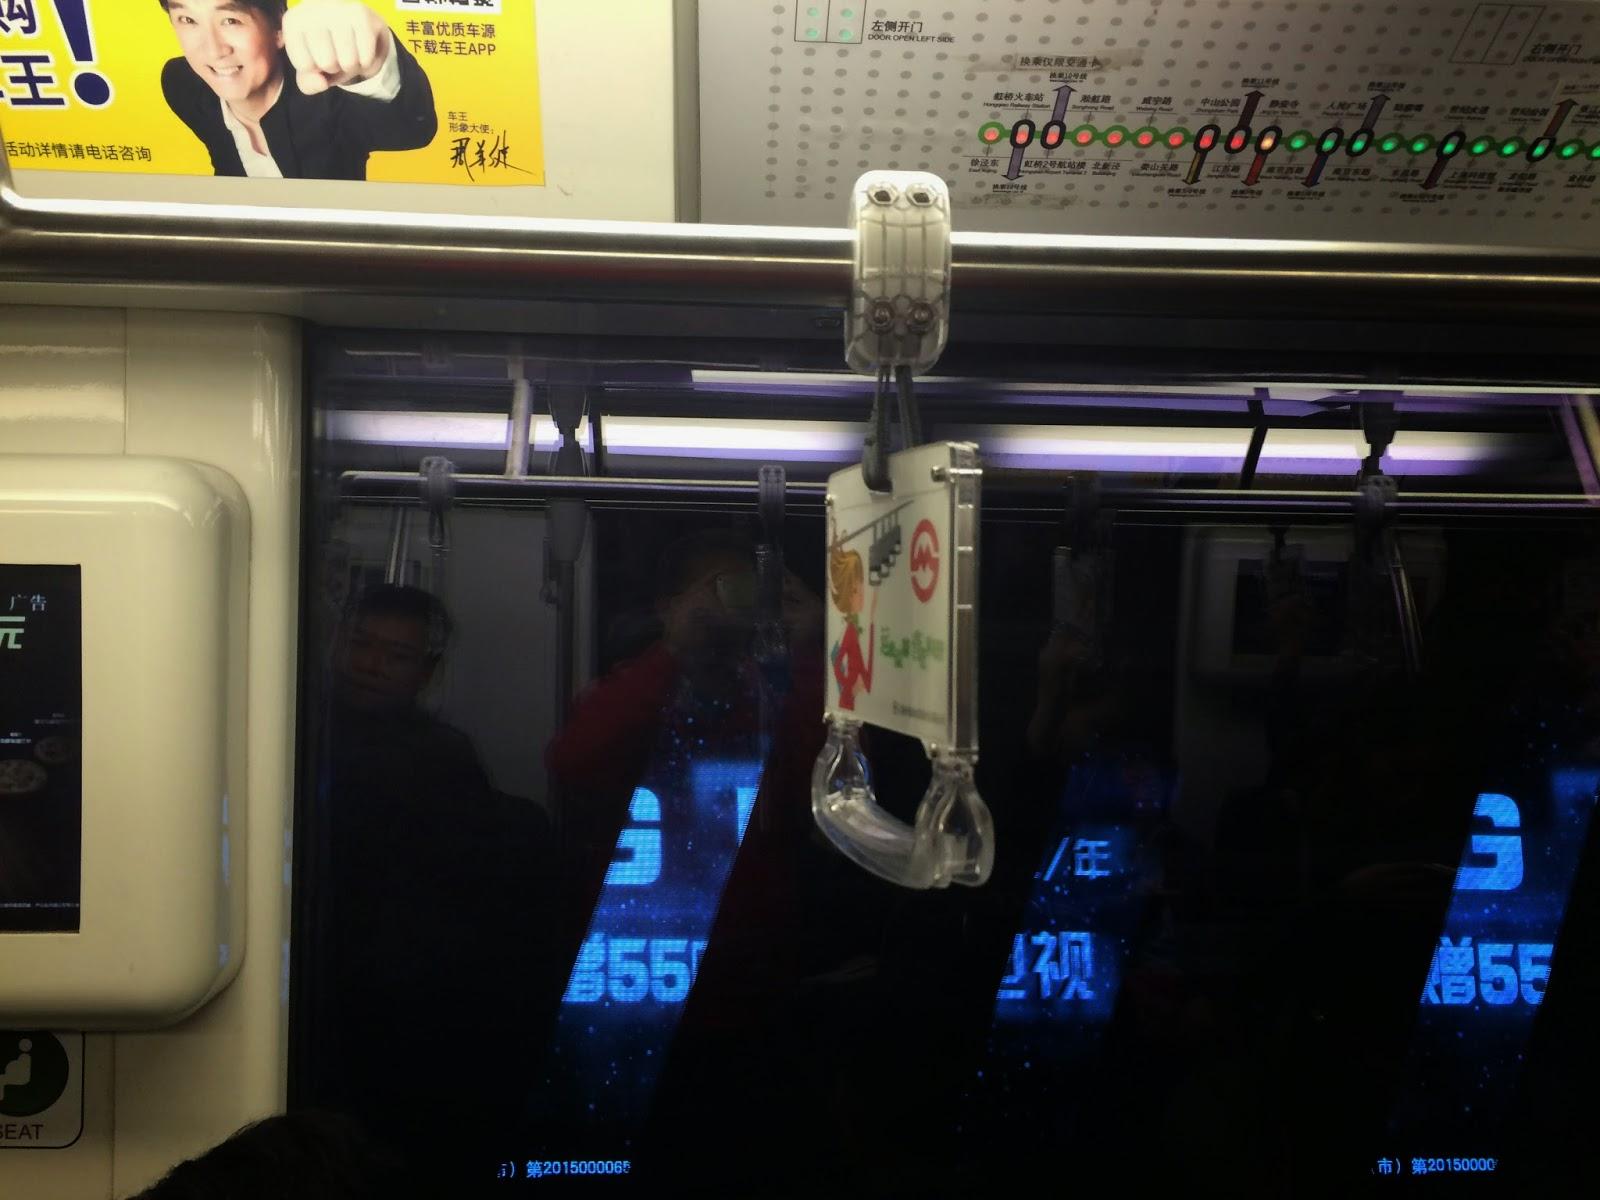 新奇, 上海地鐵車廂外移動廣告 (Signage, Zoetrope) - 大兵萊恩 一路直前